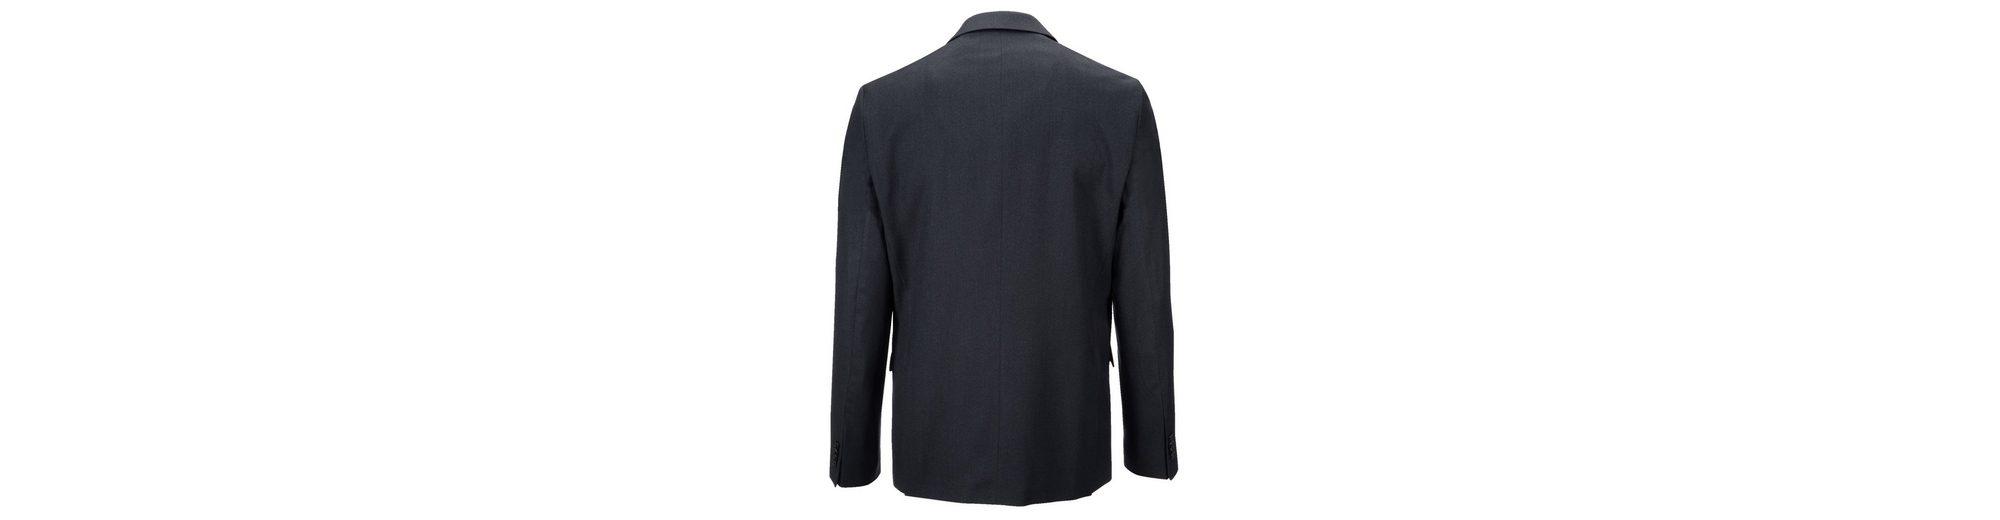 Babista Anzugssakko aus dem Baukasten-System Sie Günstig Online Qualität Billige Truhe Bilder Spielraum Breite Palette Von Auslass Nicekicks DmXo7NbB